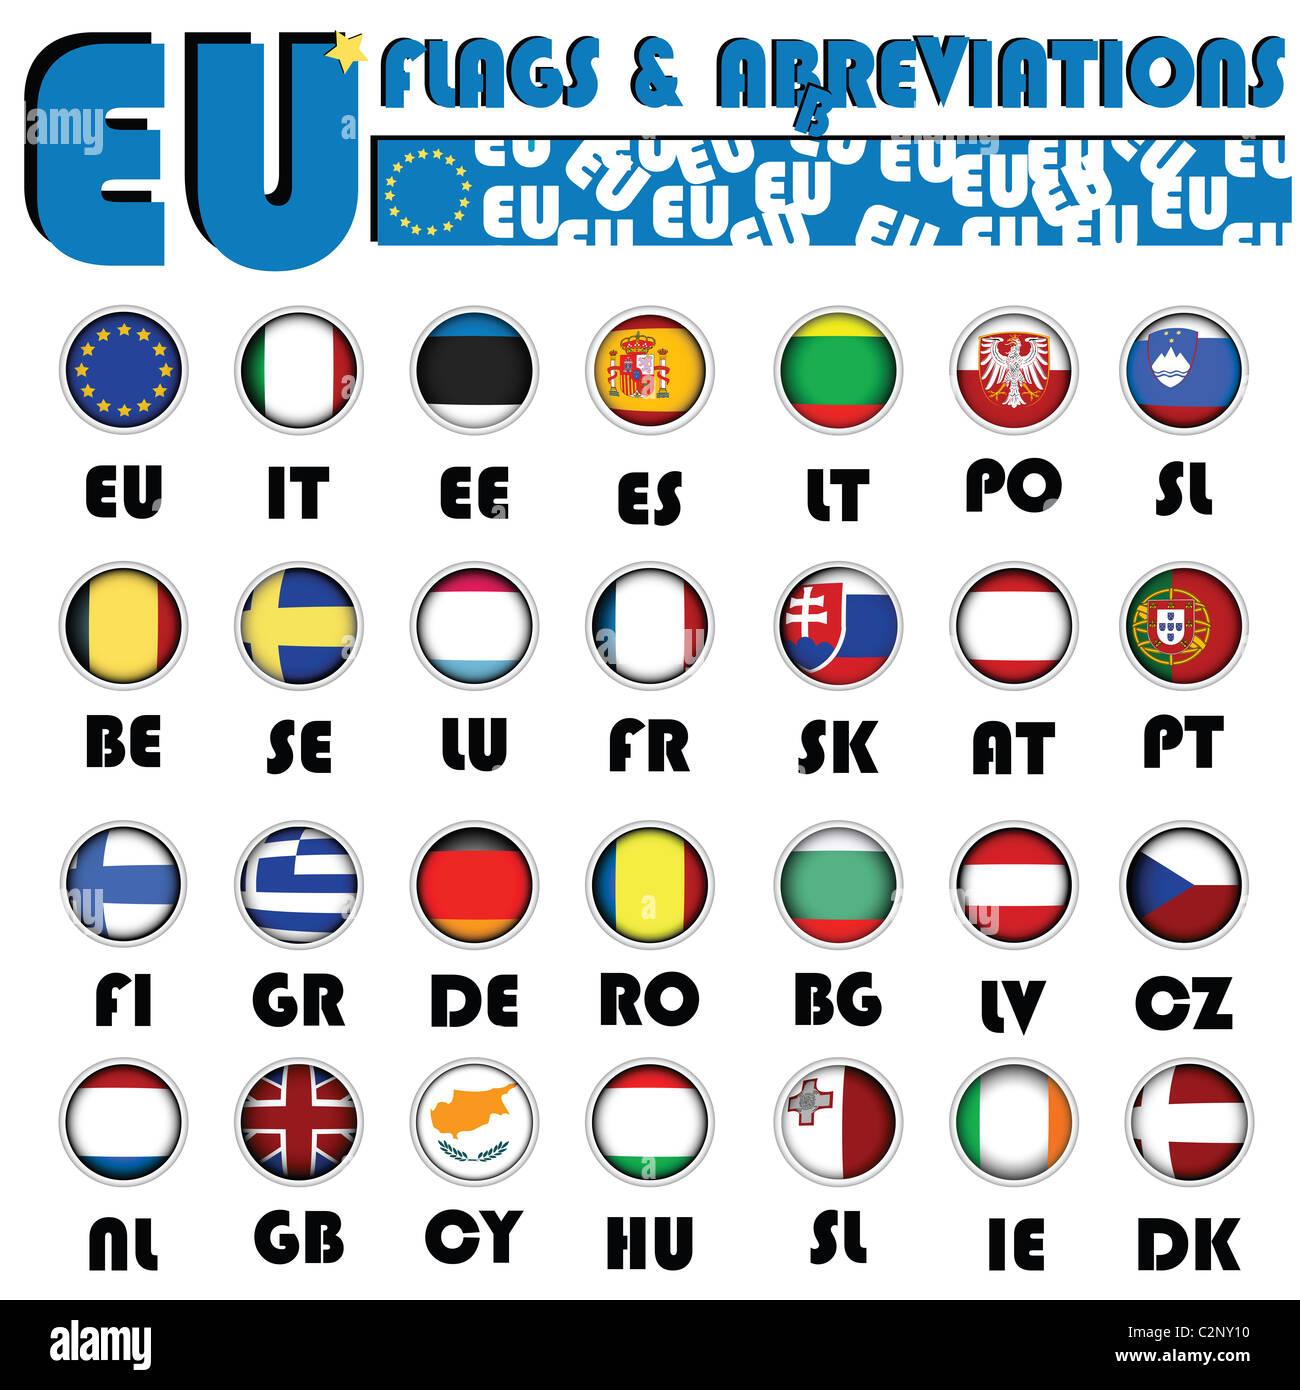 European Union flags - Stock Image